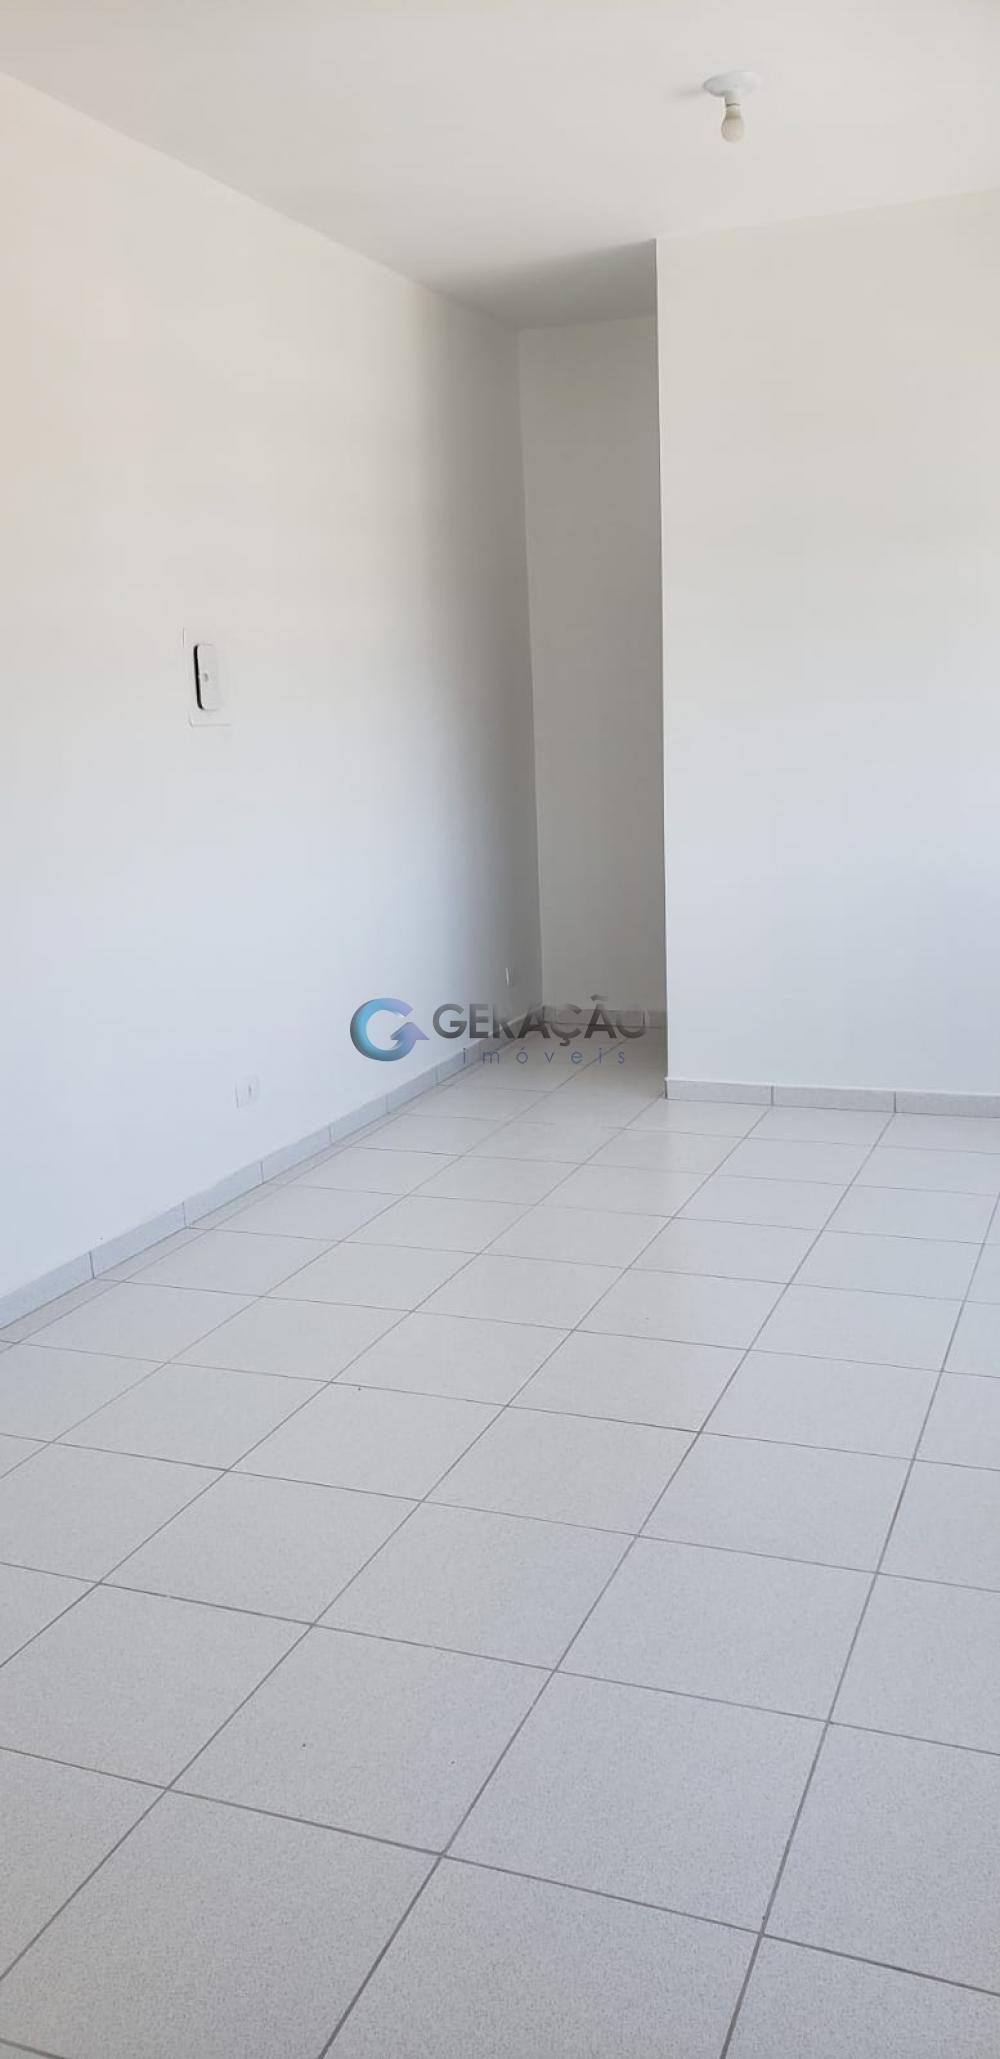 Comprar Comercial / Prédio em São José dos Campos R$ 1.350.000,00 - Foto 8